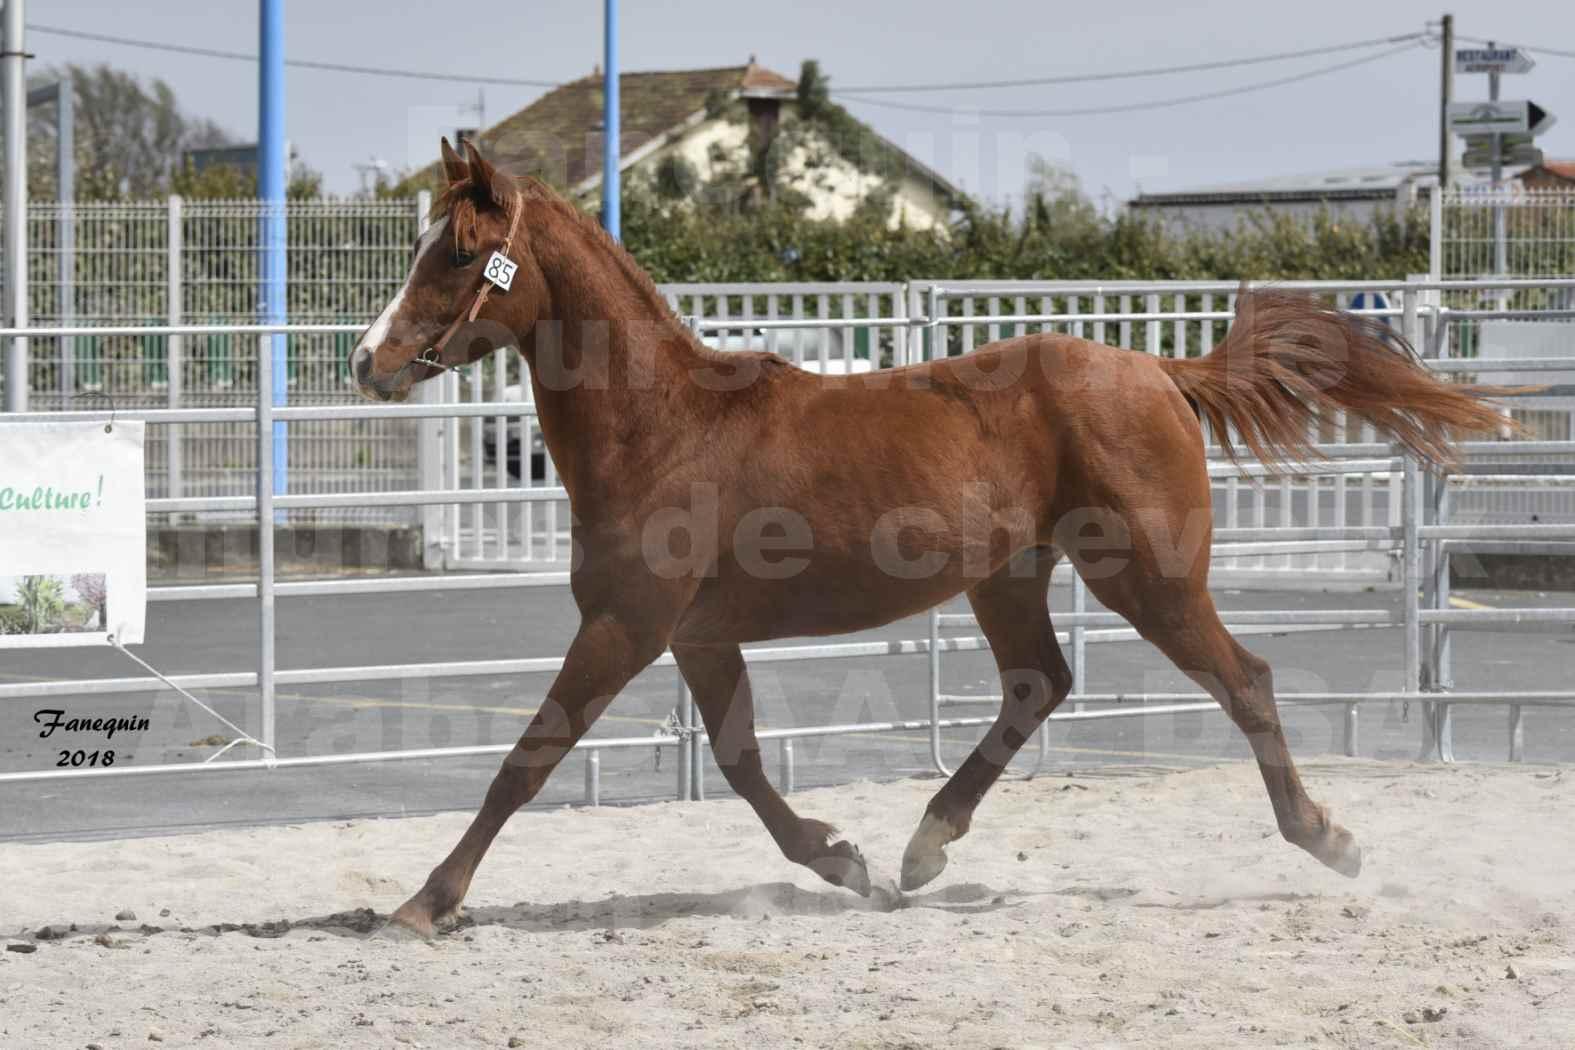 Concours d'élevage de Chevaux Arabes - D. S. A. - A. A. - ALBI les 6 & 7 Avril 2018 - FLEURON CONDO - Notre Sélection - 6